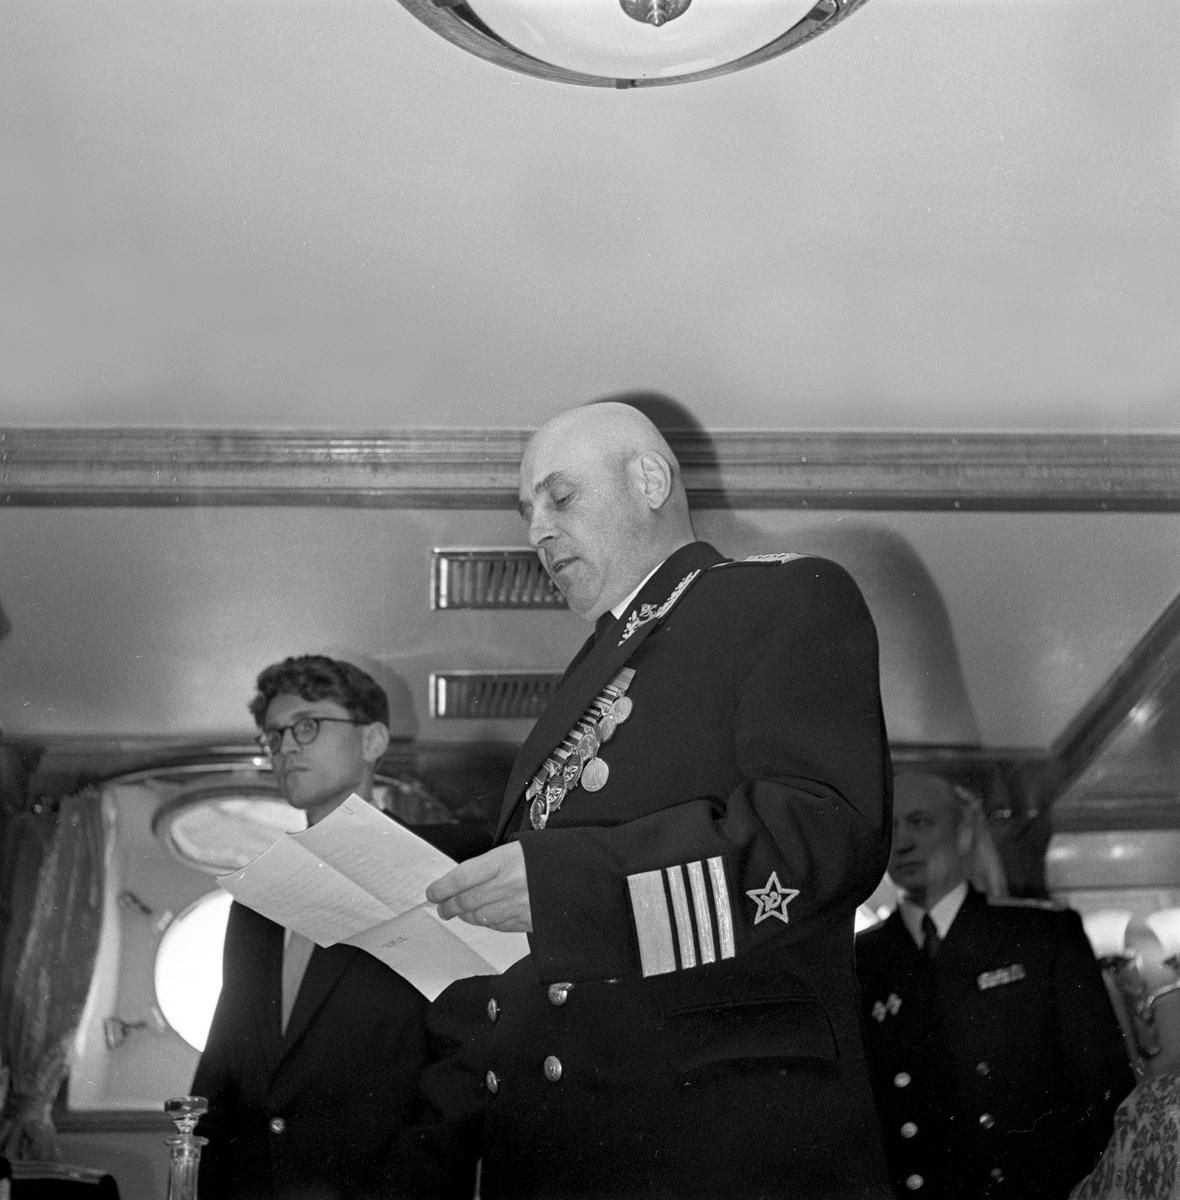 Serie. Russisk flåtebesøk i Oslo, blant annet på Akershus festning. Fotografert 8. aug. 1956.